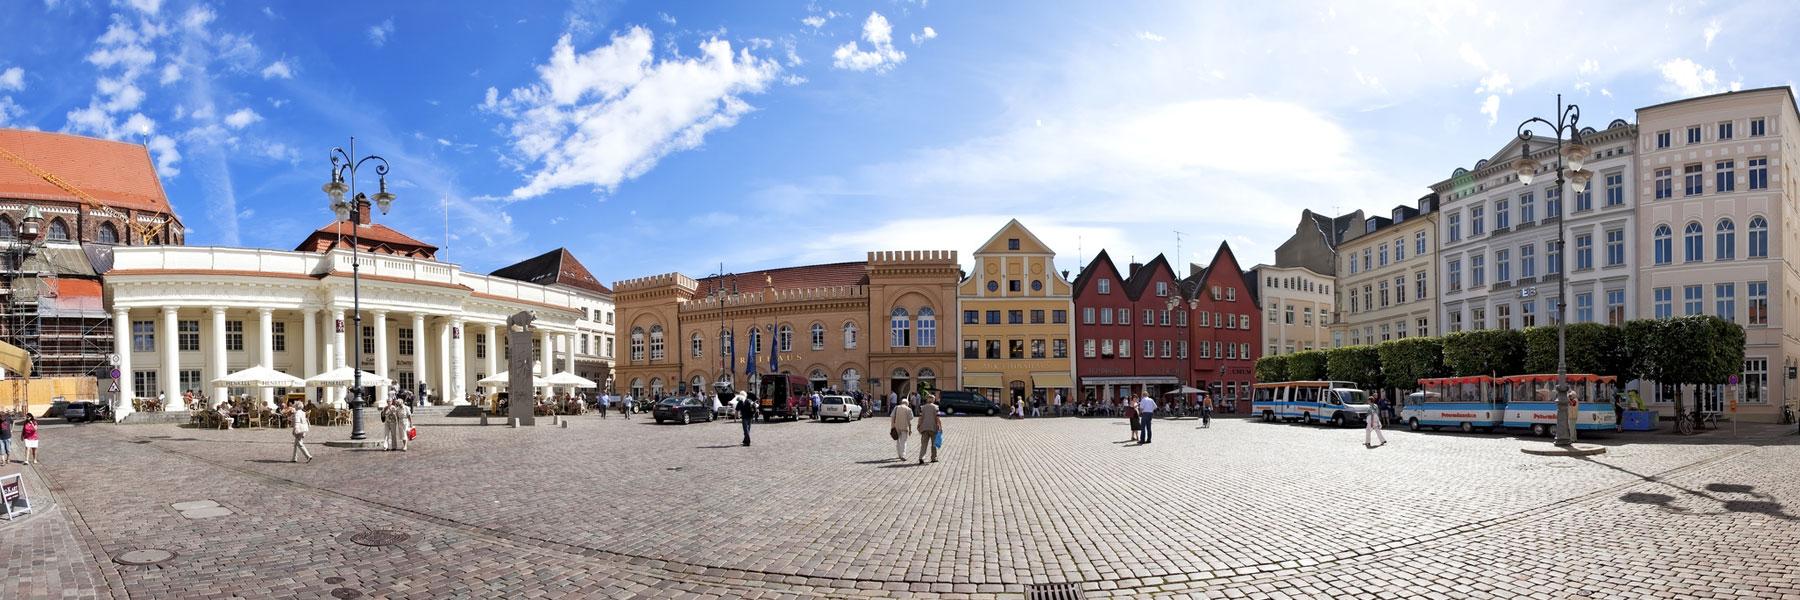 Marktplatz - Schwerin